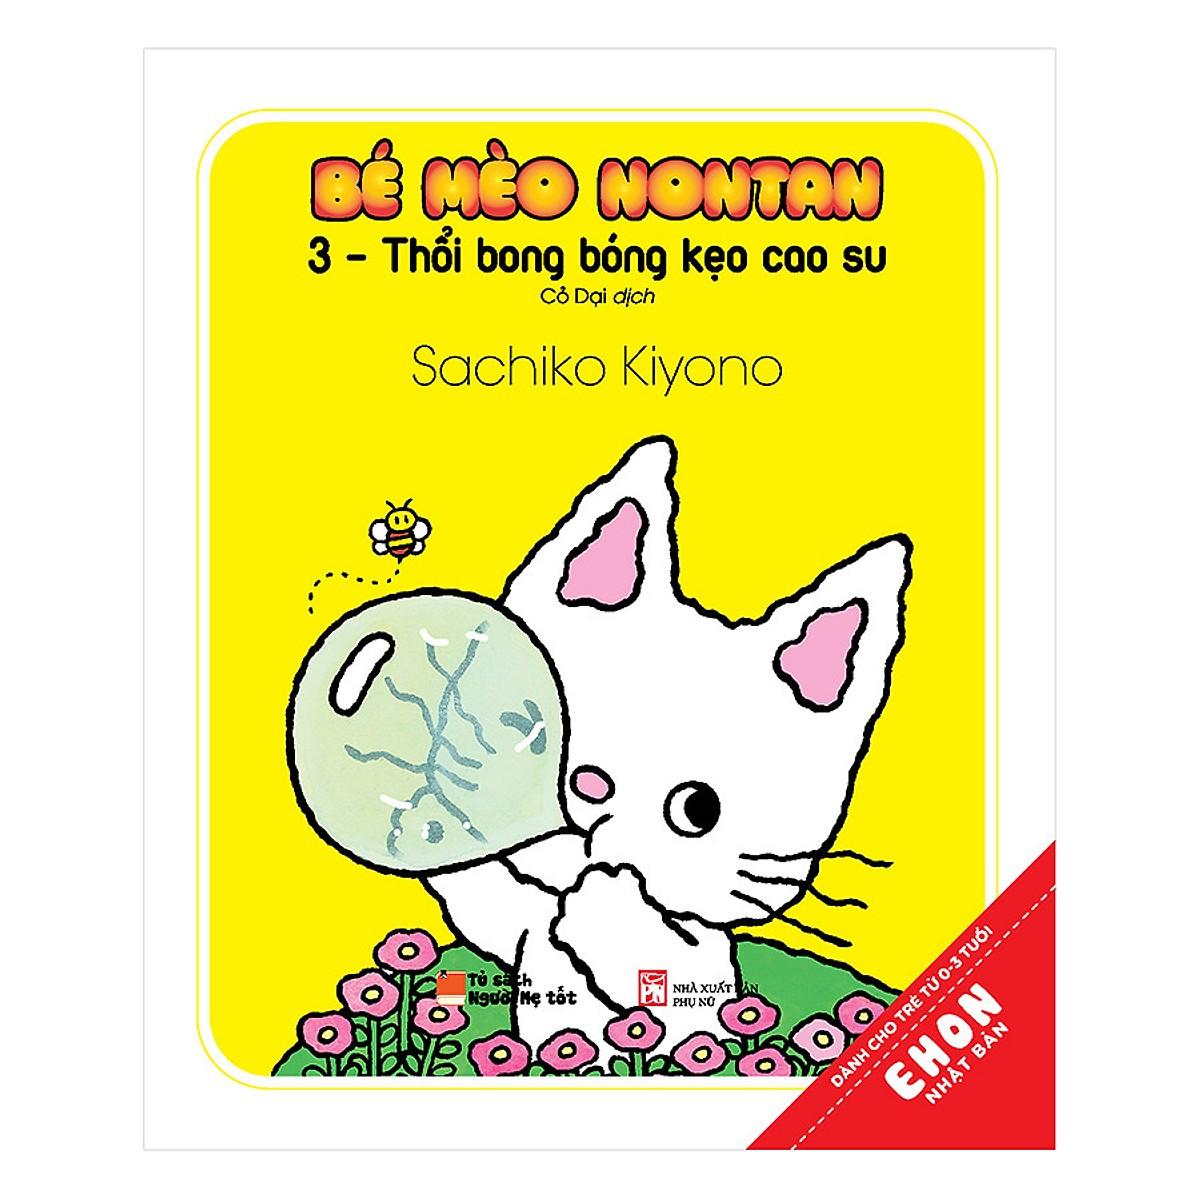 Combo Ehon Nhật Bản Bé Mèo Nontan: Dành Cho Trẻ Từ 0 - 3 Tuổi (Tái Bản)